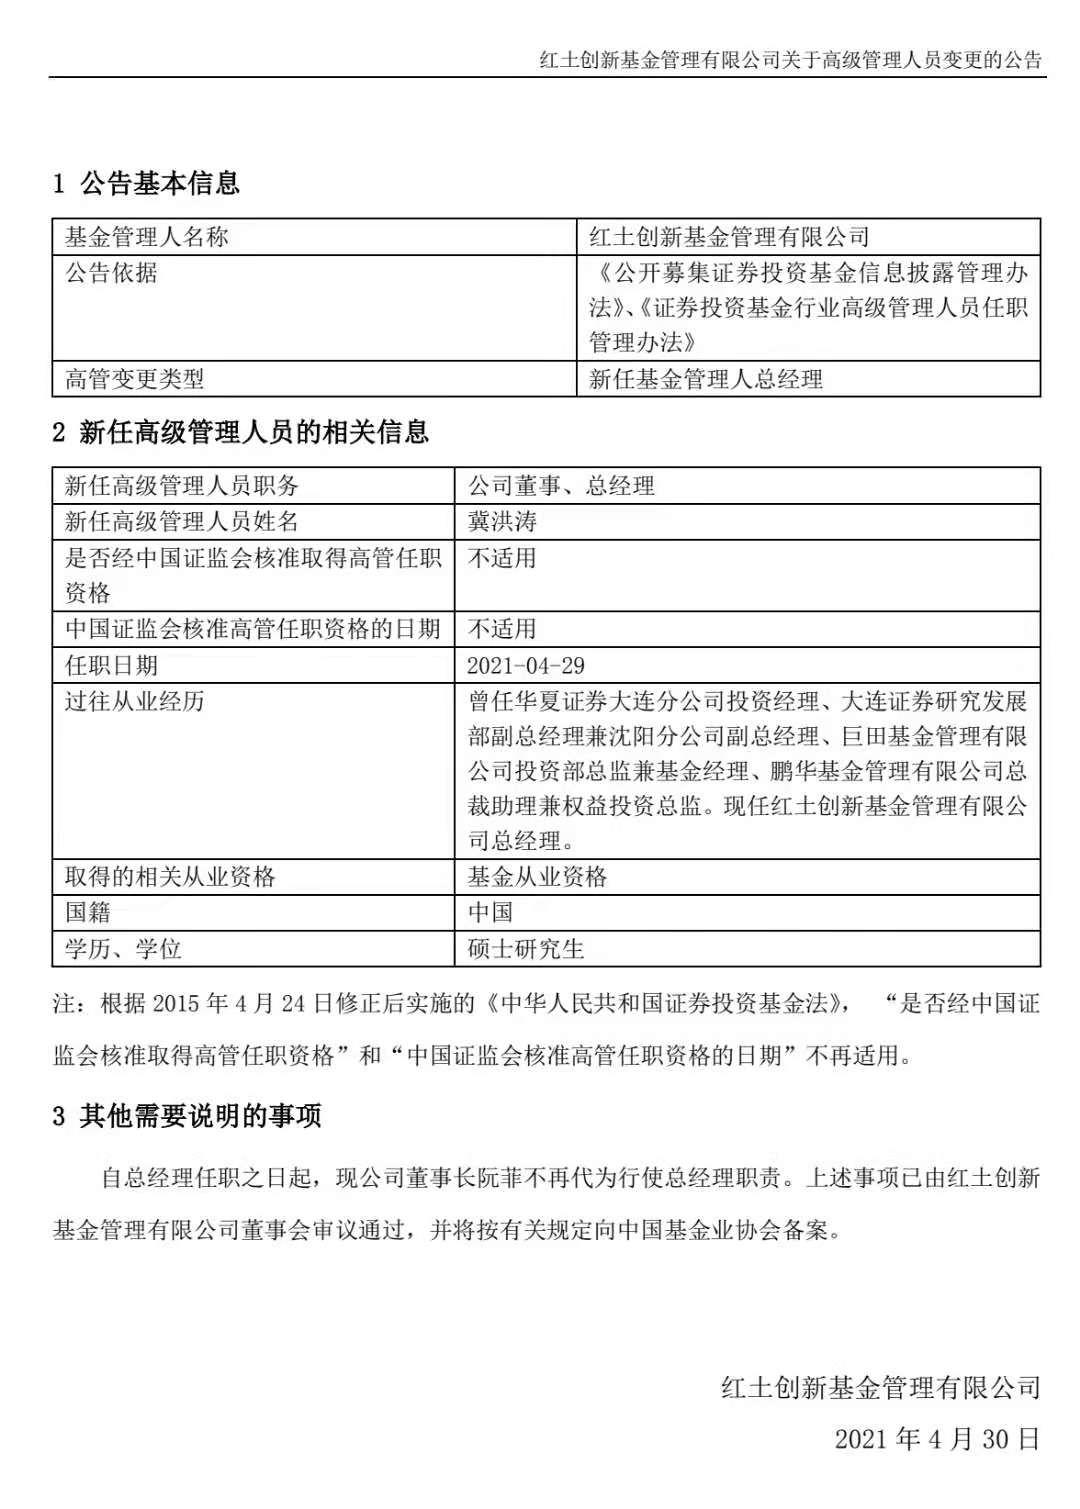 巨田基金管理有限公司